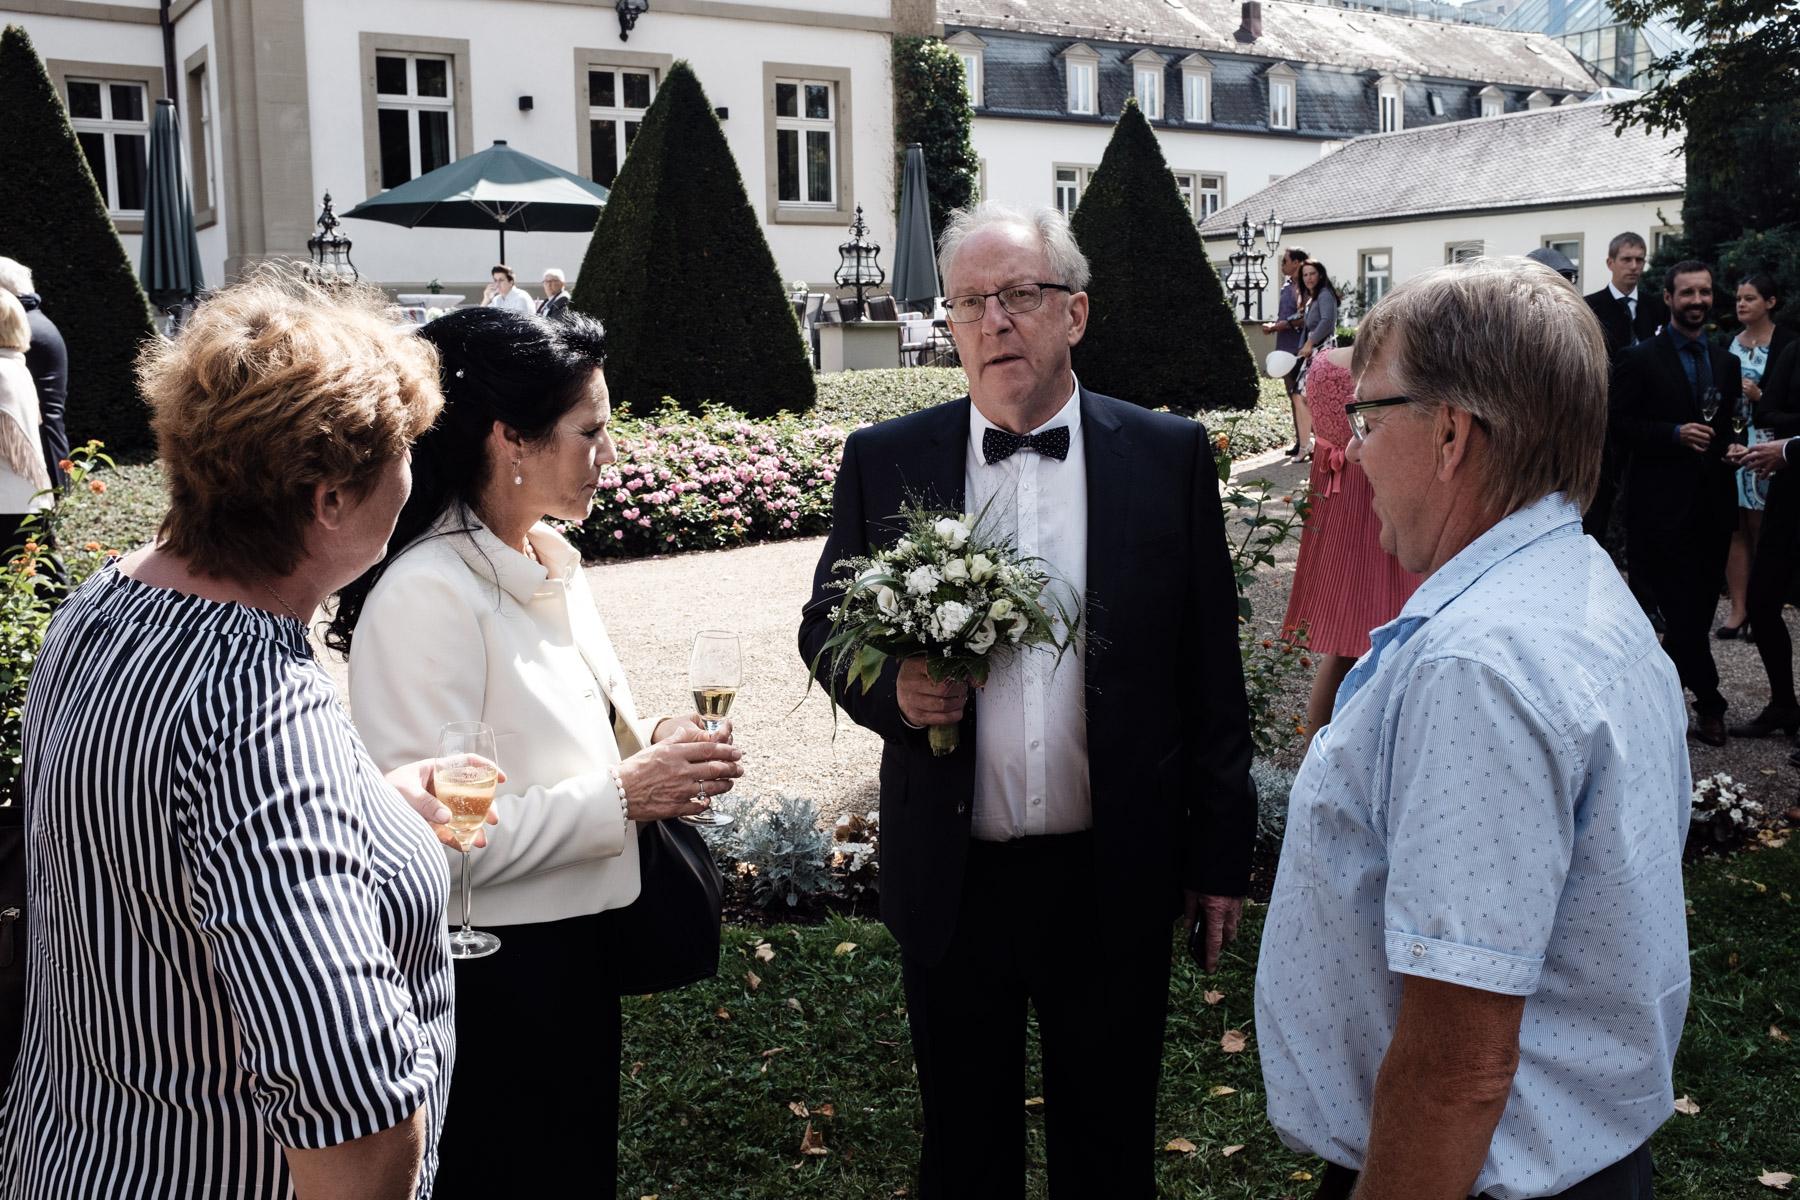 MartinLiebl_Kein_Hochzeitsfotograf_Blog_CWF_Bad_Neustadt_34.jpg